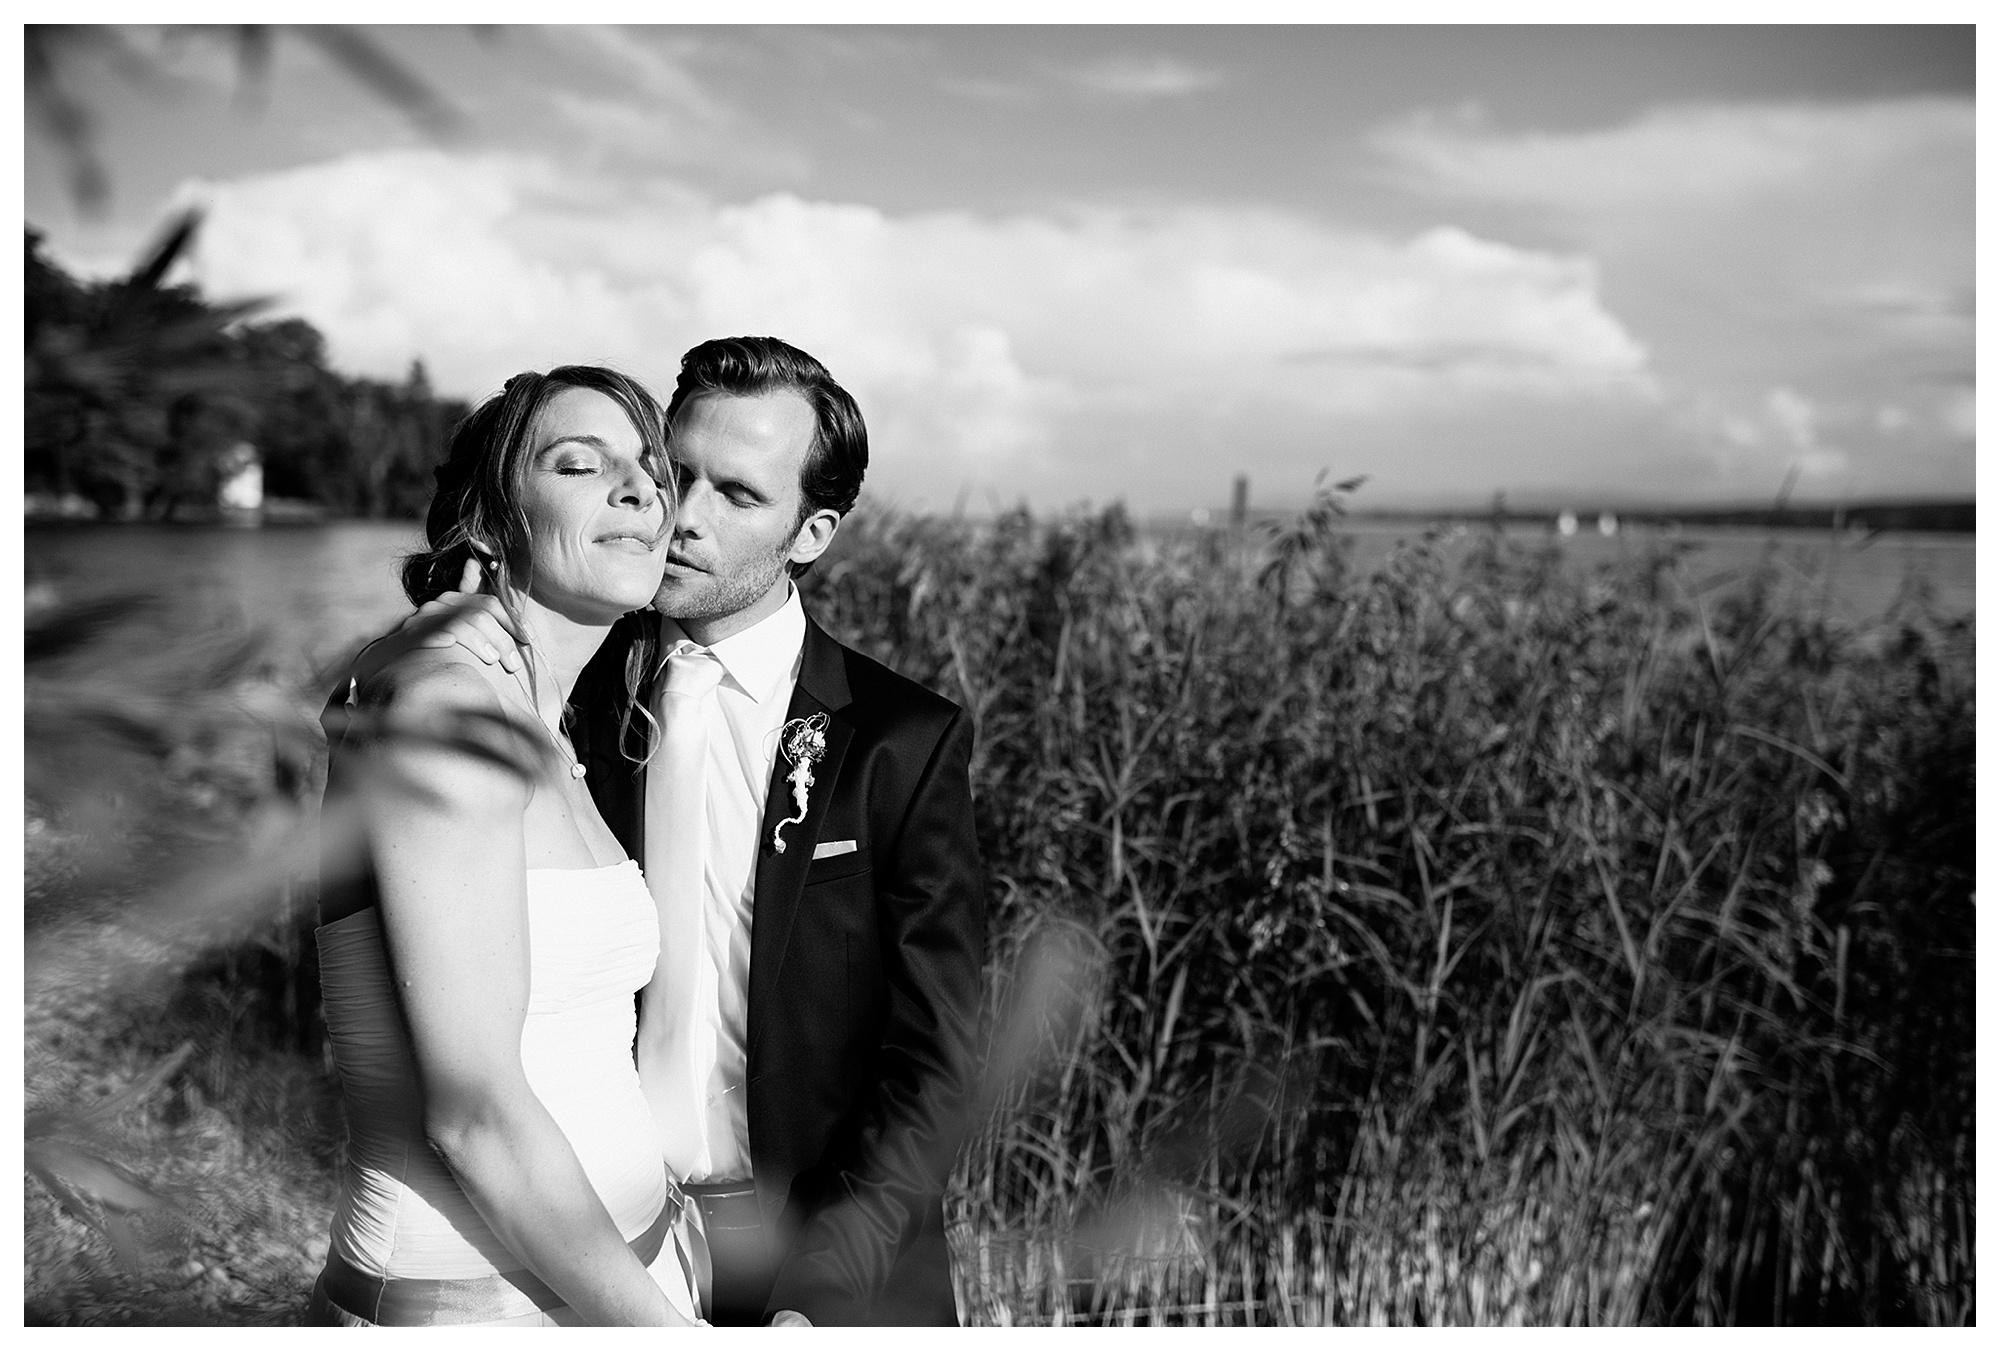 Fotograf Konstanz - Best of 2014 Elmar Feuerbacher Photography Hochzeit Portrait 041 1 - Rückblick auf 2014  - 53 -